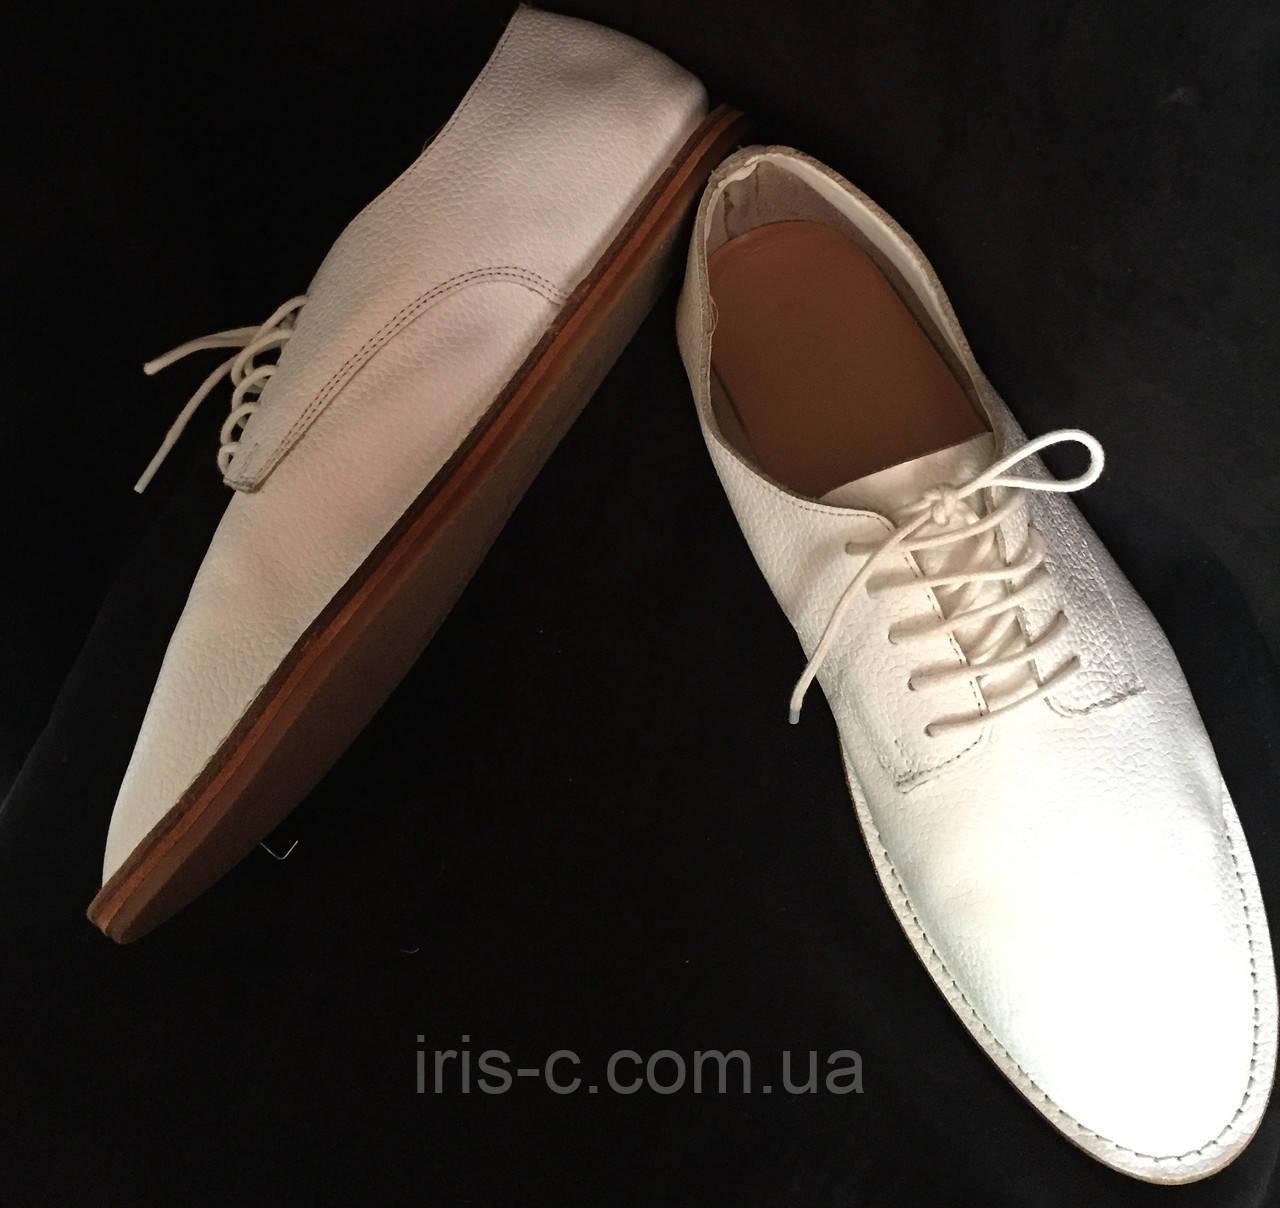 Туфли женские, ZARA, легкие, белые, натуральная кожа размер 40/40.5